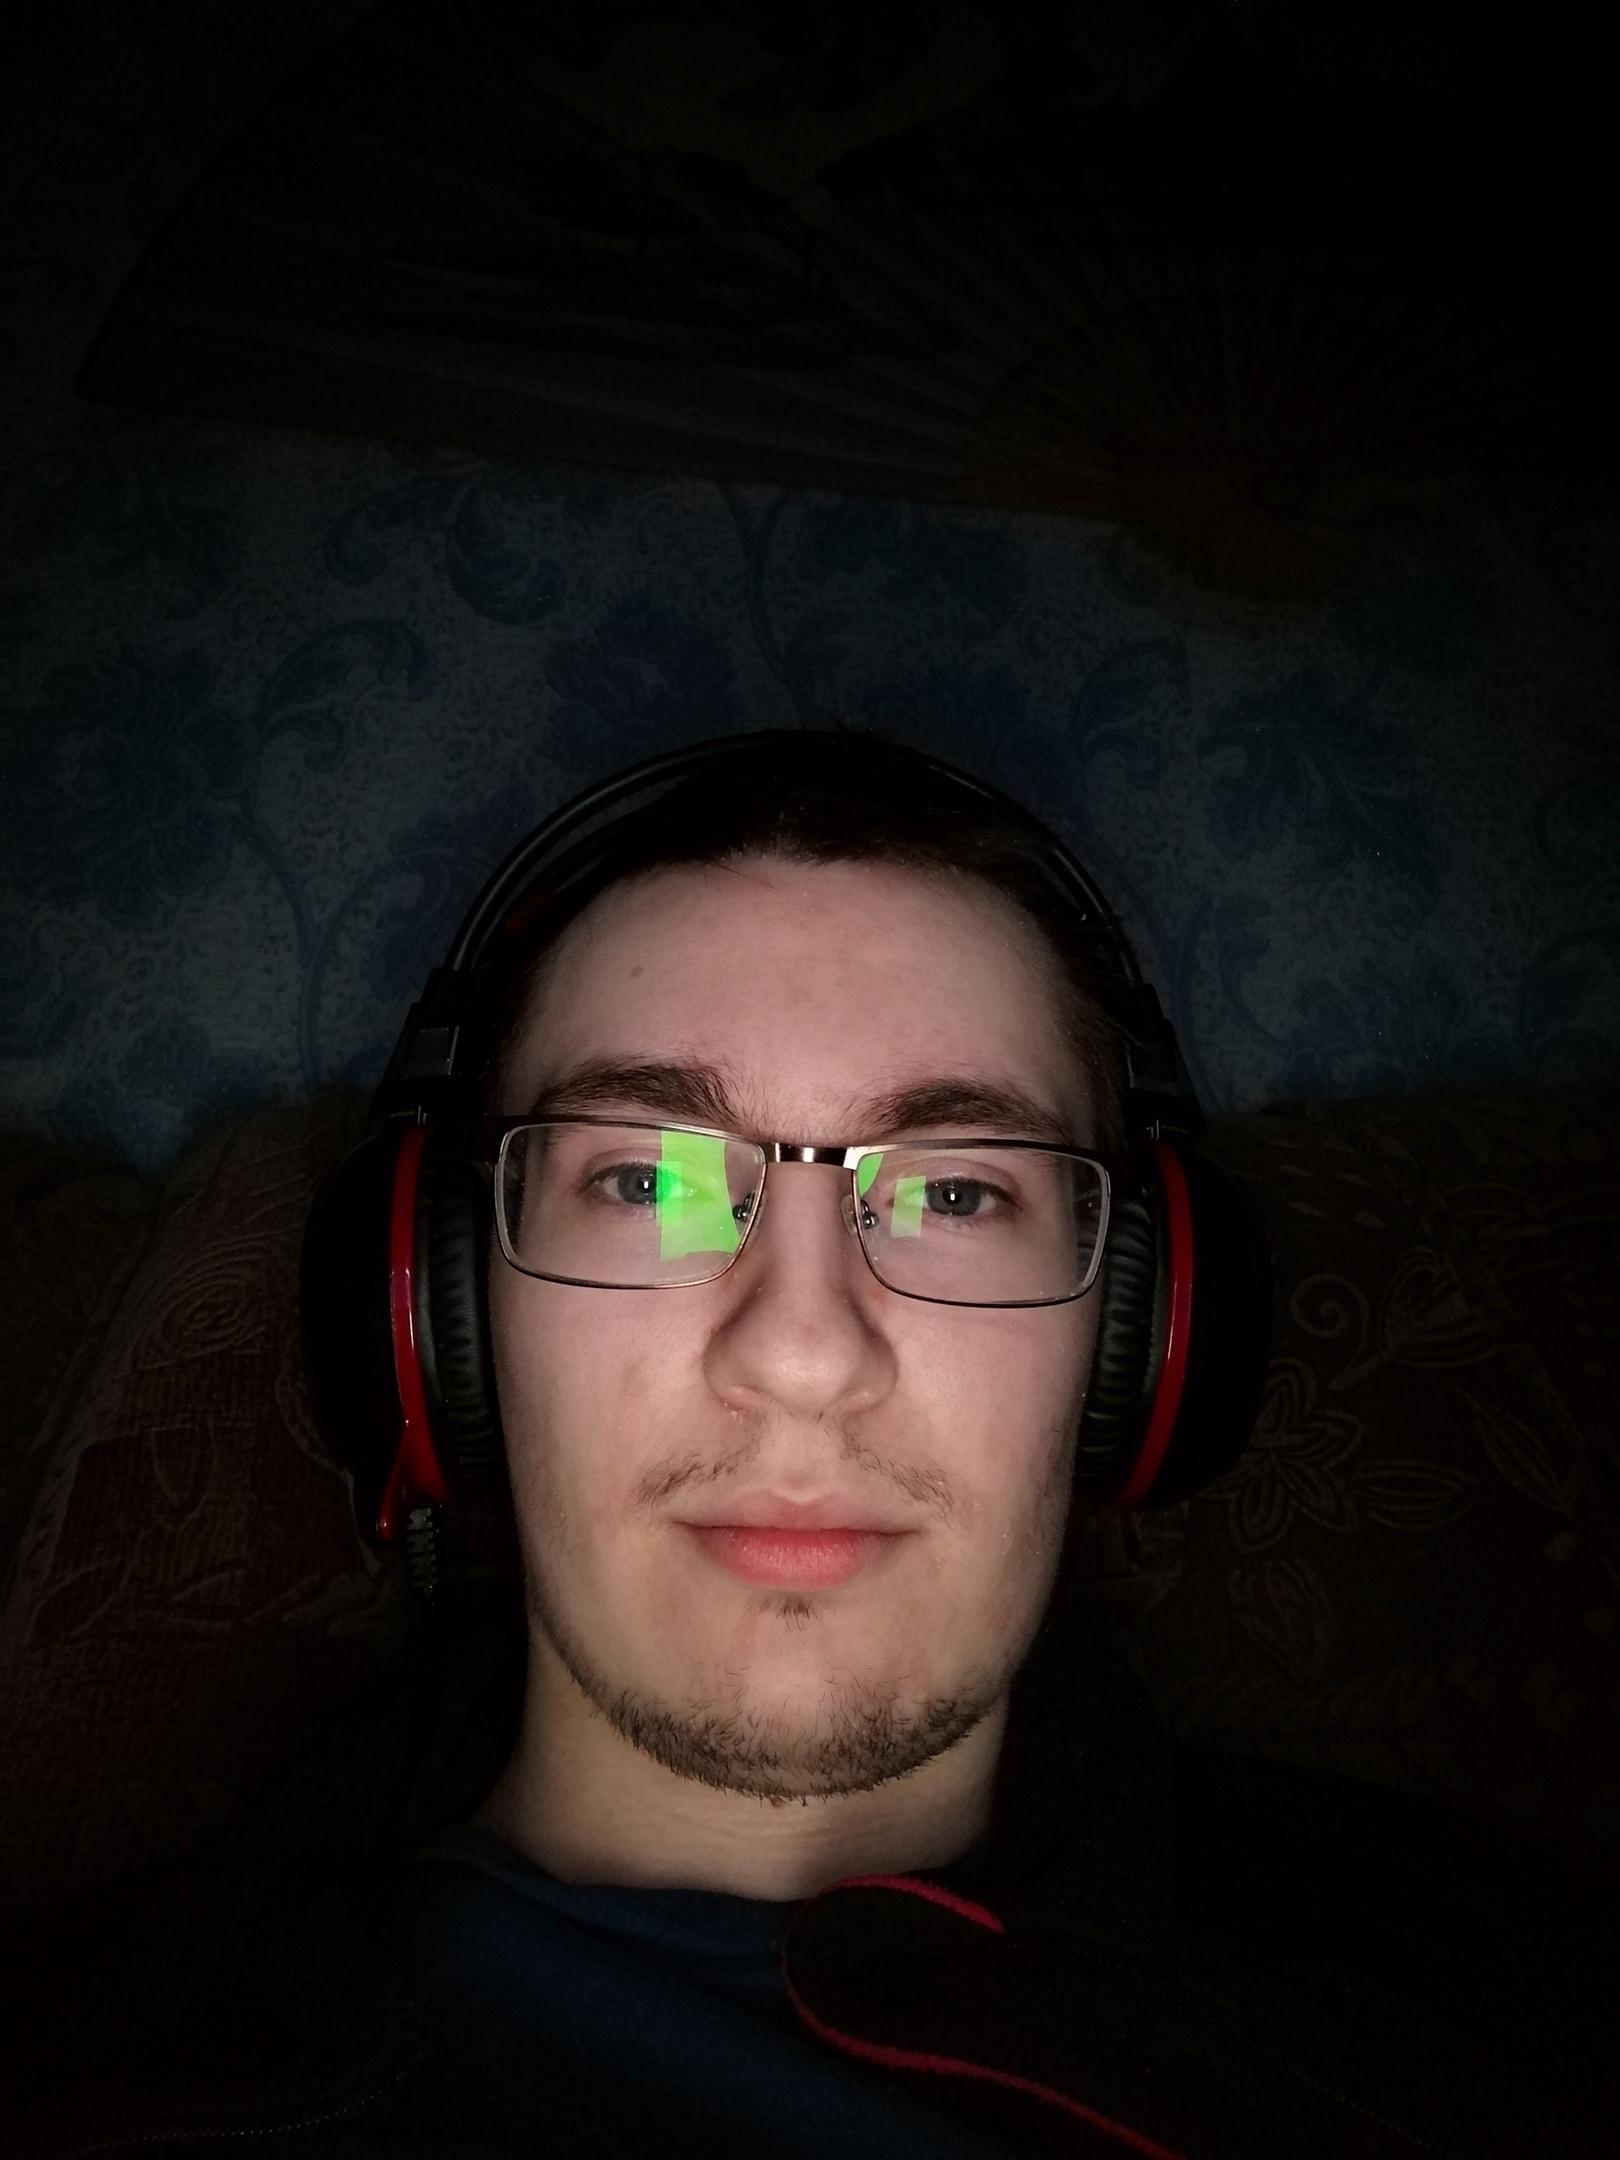 Дмитрий, 22, Радужный, Ханты-Мансийский Автономный  - Югра АО, Россия